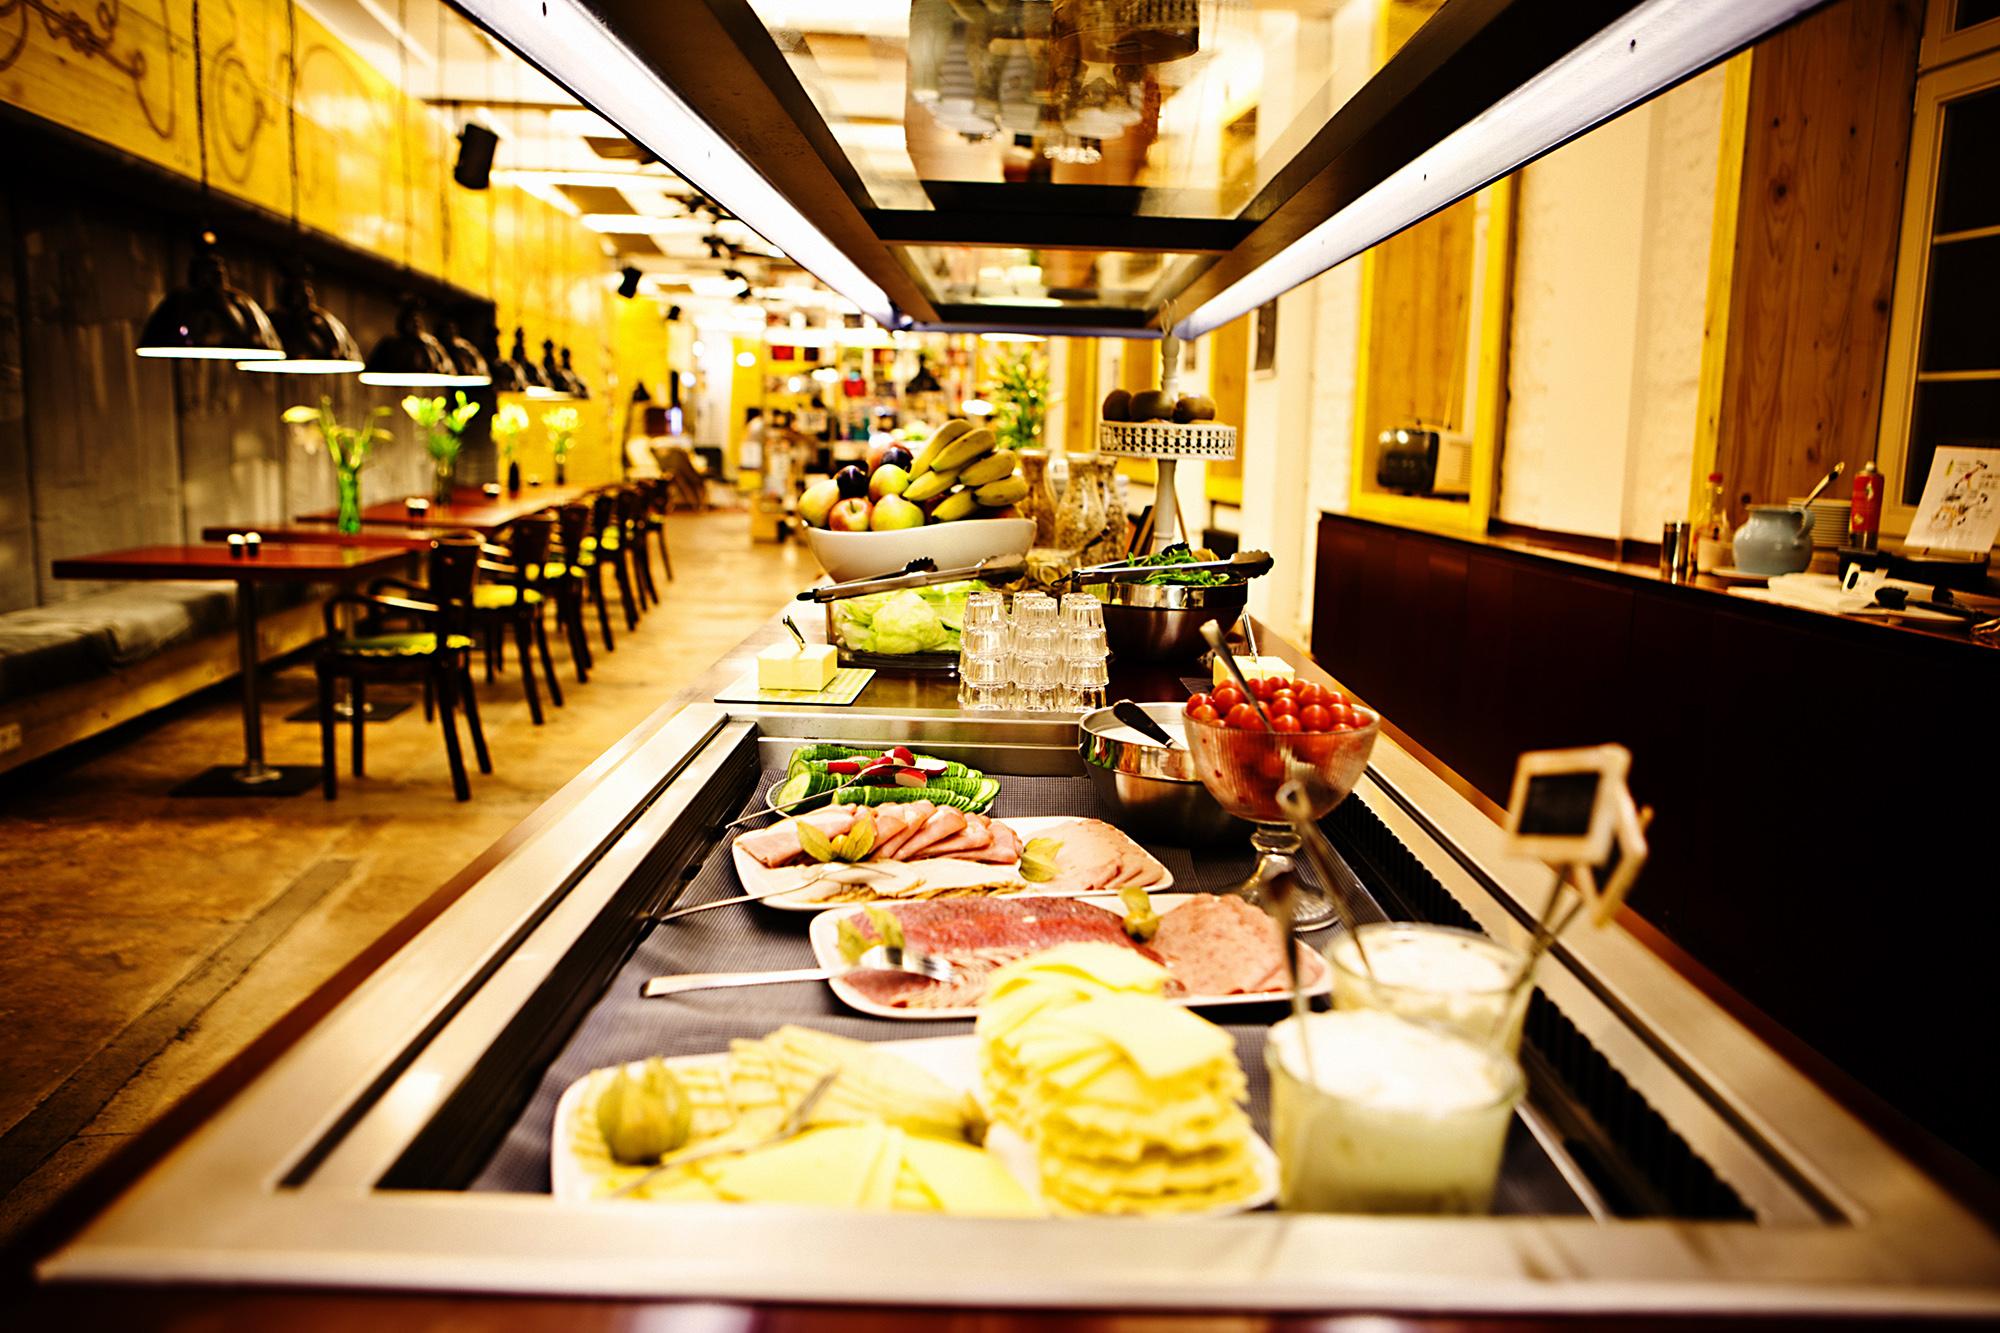 Super wohnzimmer mit familienanschluss superbude hamburg for Coole hotels in hamburg